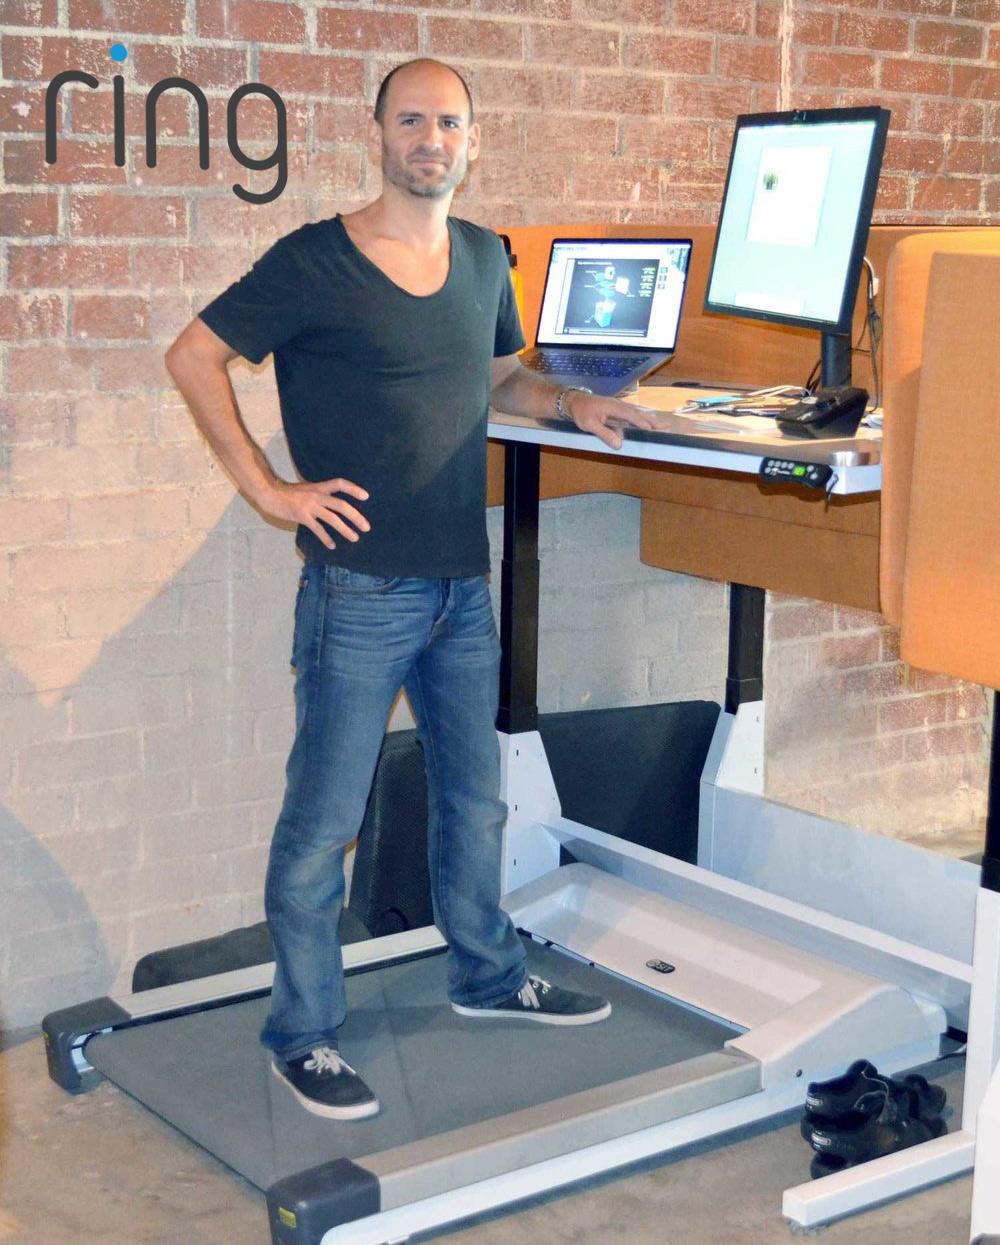 Elliot Lemberger's workspace at Ring